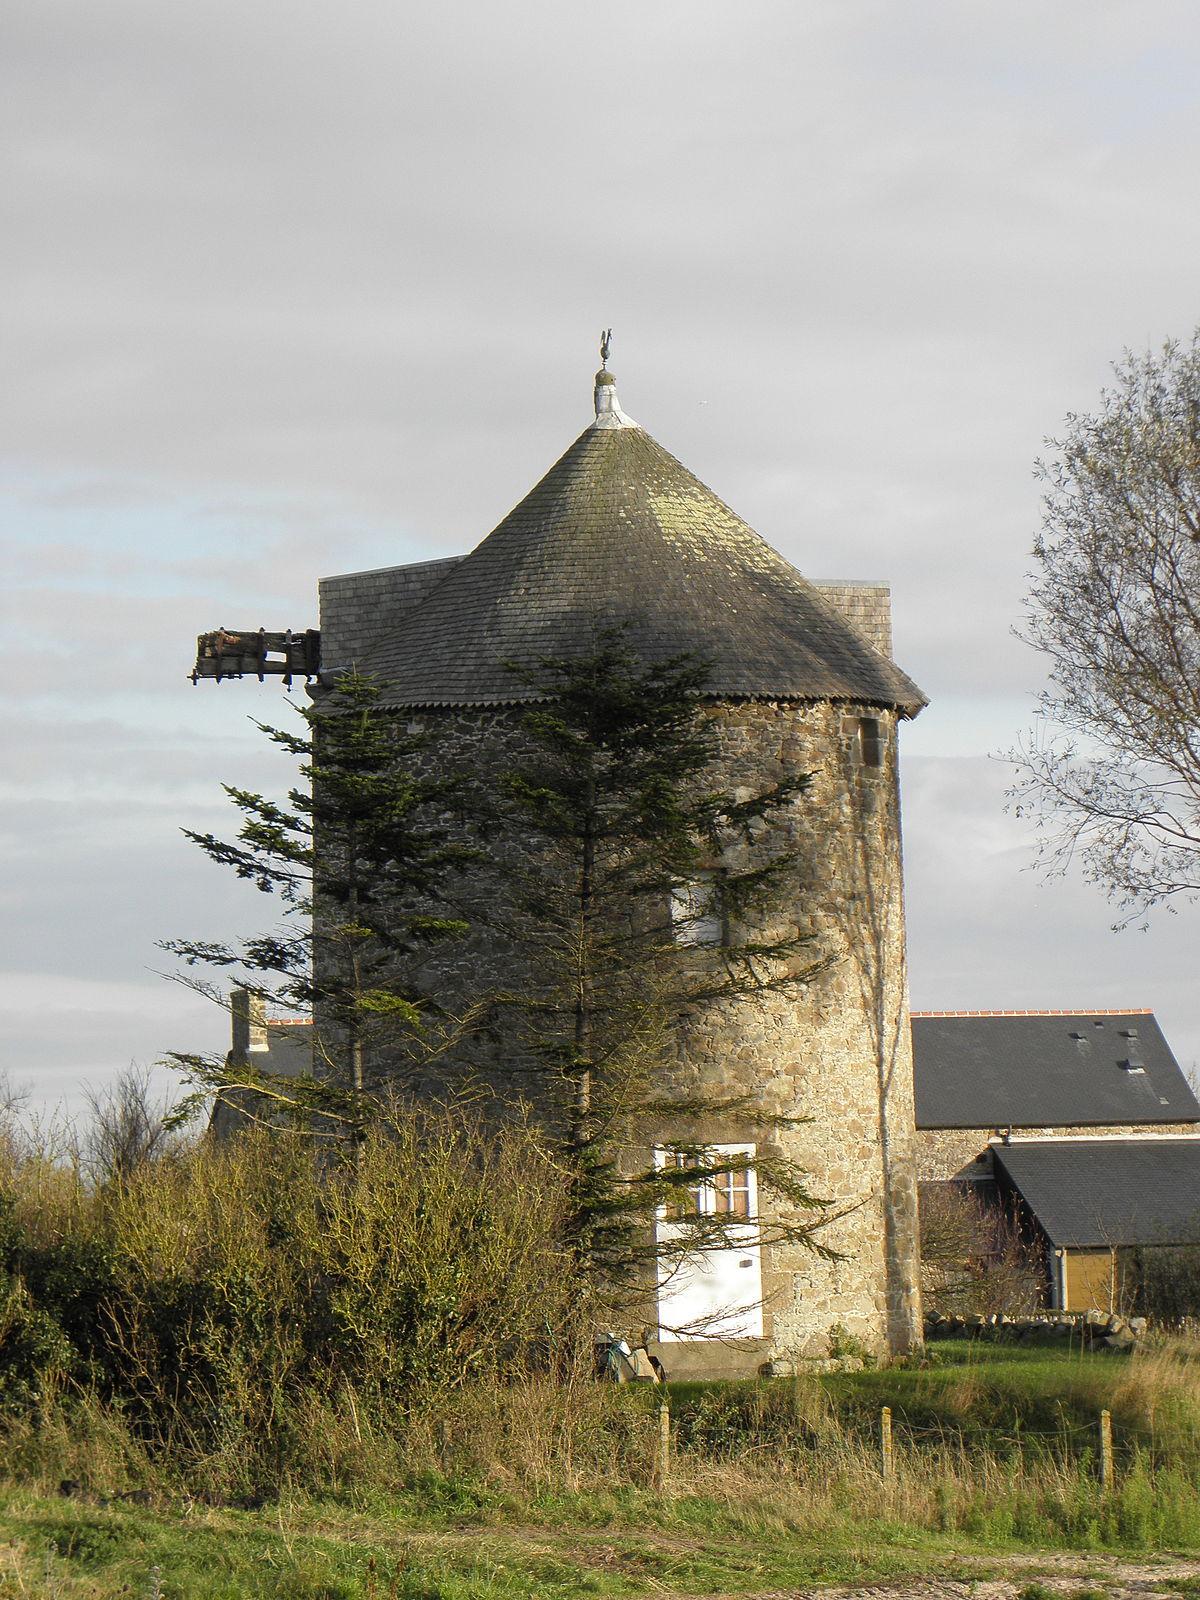 Moulin de la colimassi re wikip dia for Moulin de la housse